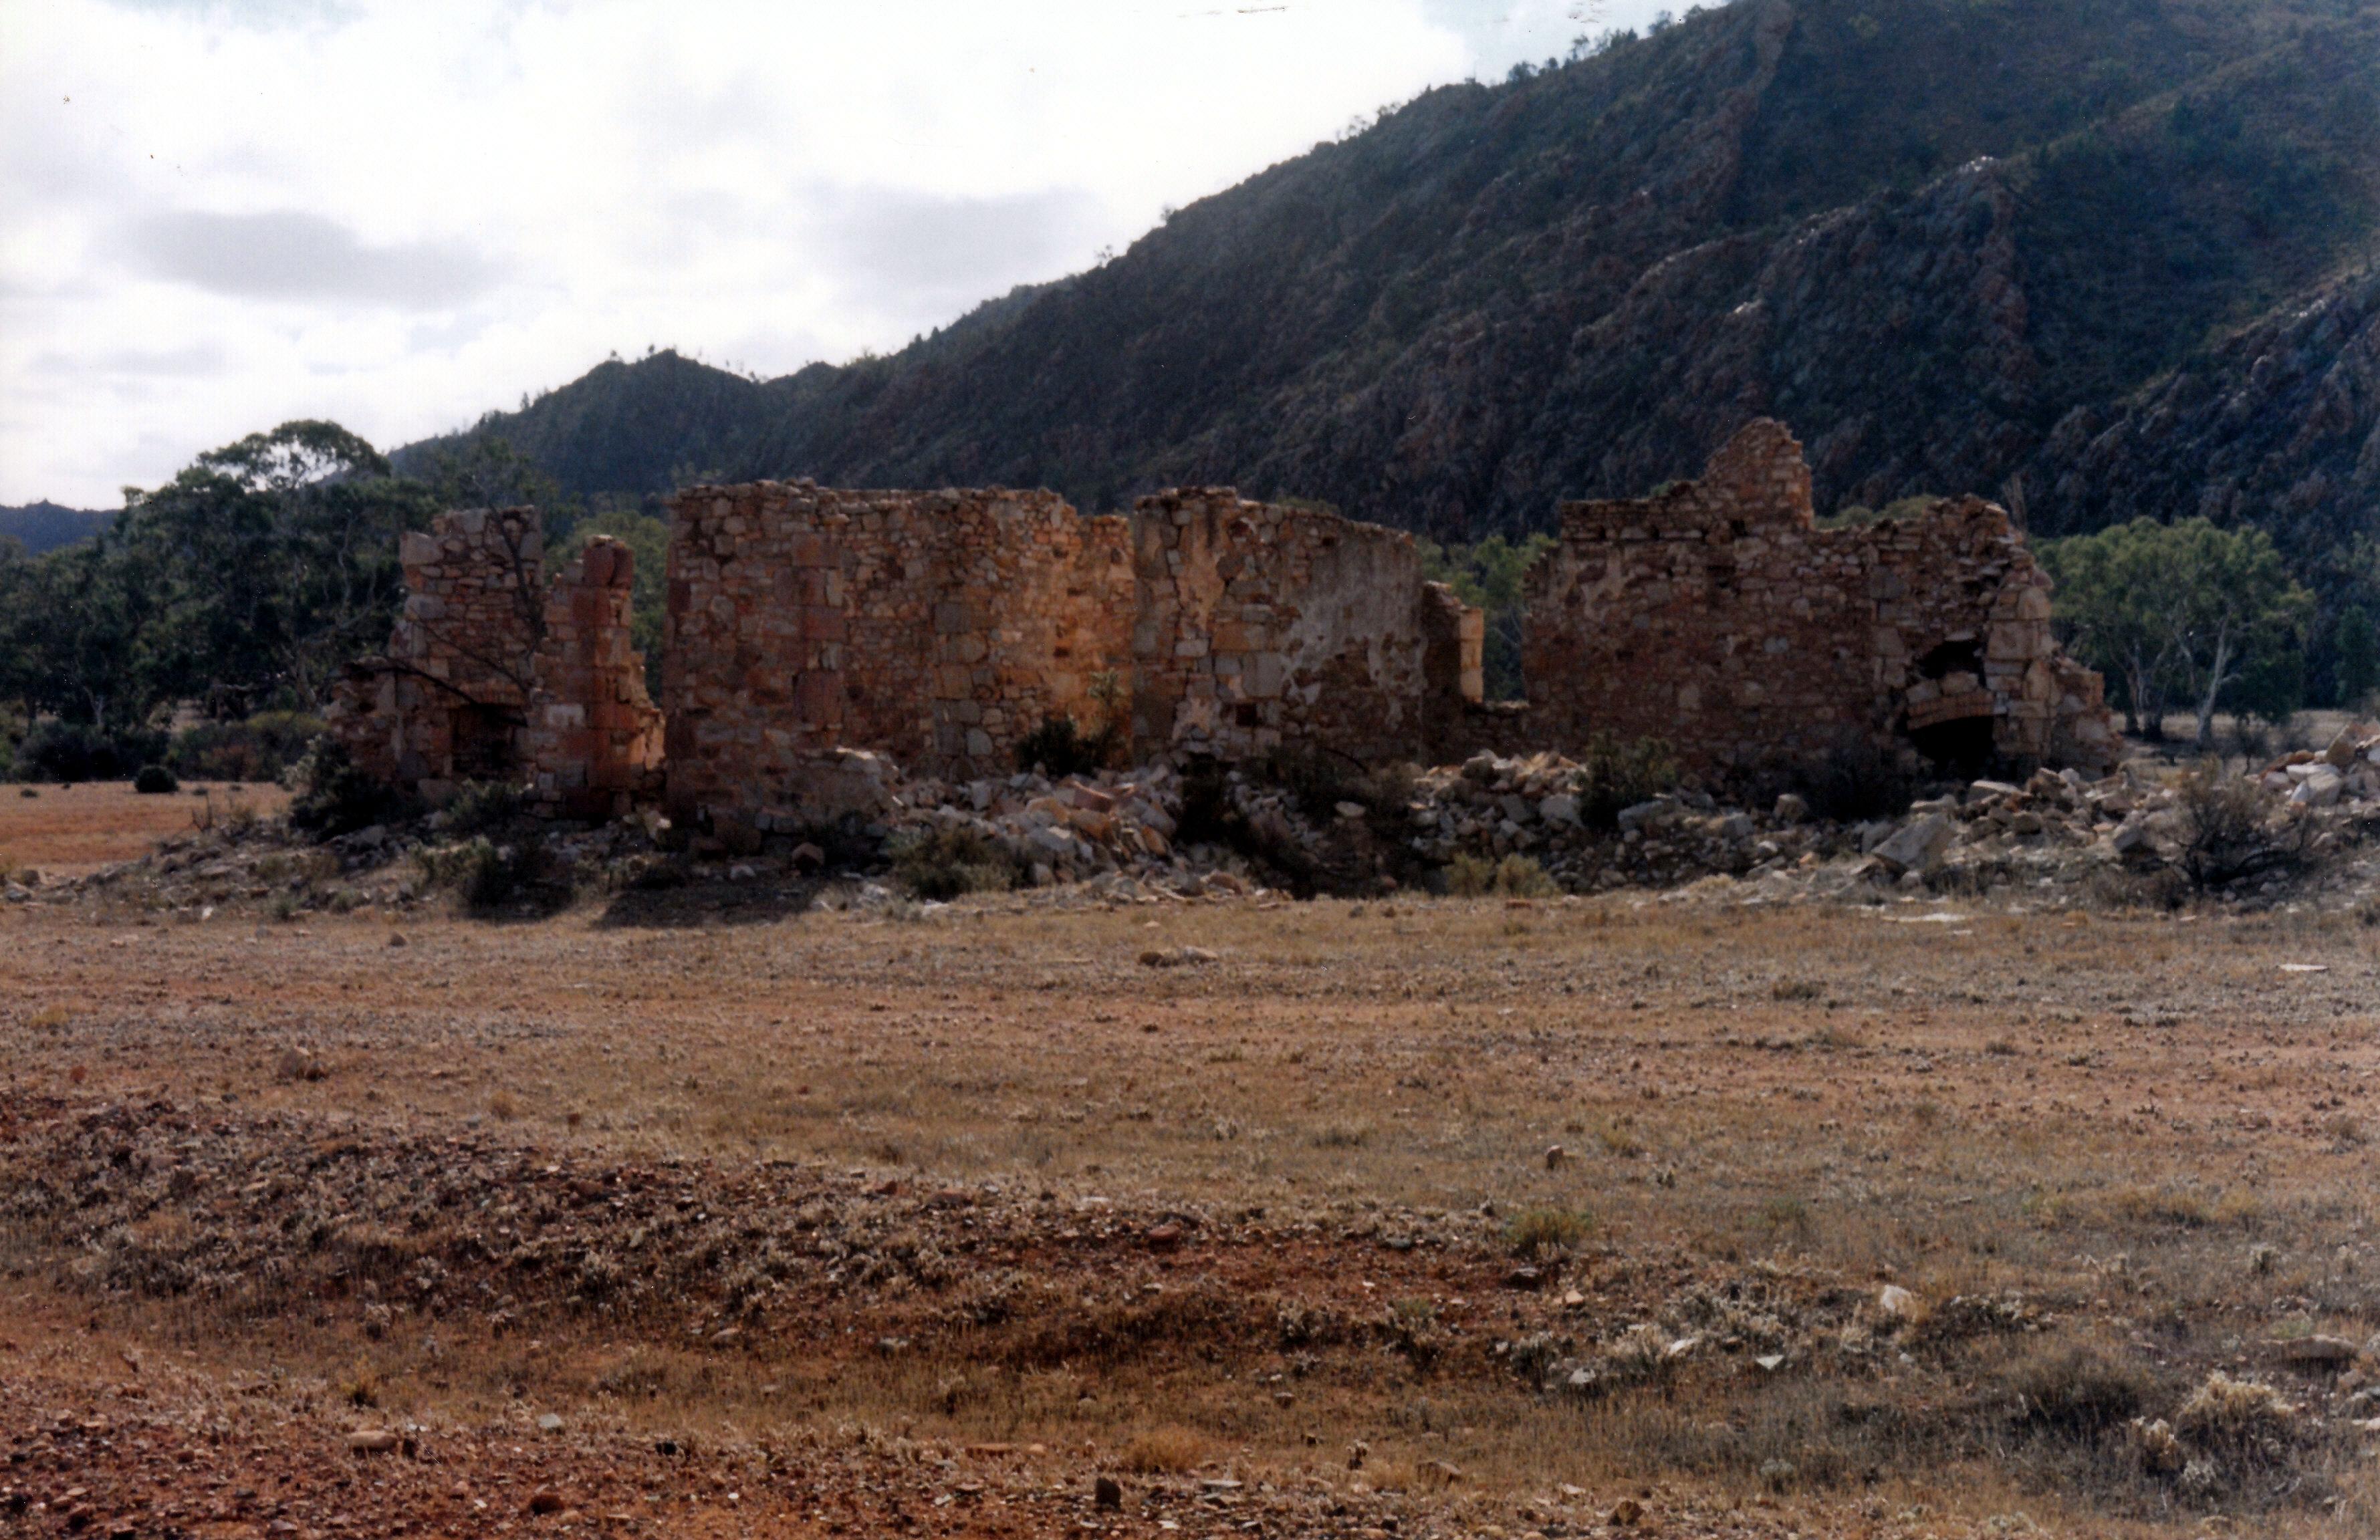 05-23-1999 09 ruins at the Sliding Rock